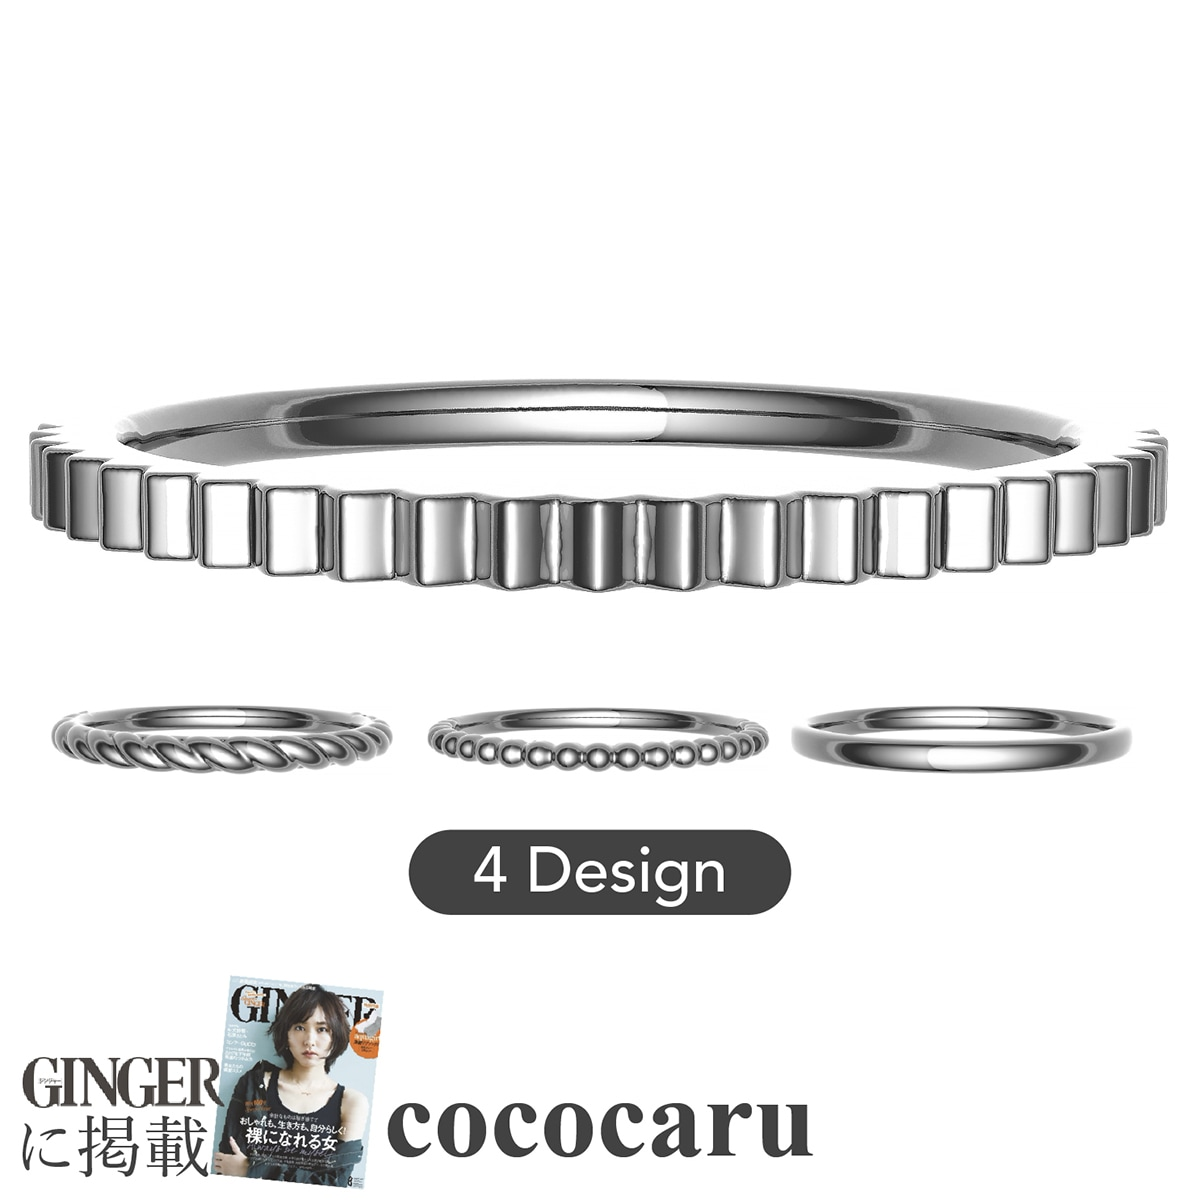 地金 リング プラチナ900 選べるデザイン4種類 ファッションリング 品質保証書 金属アレルギー 日本製 誕生日 ギフト